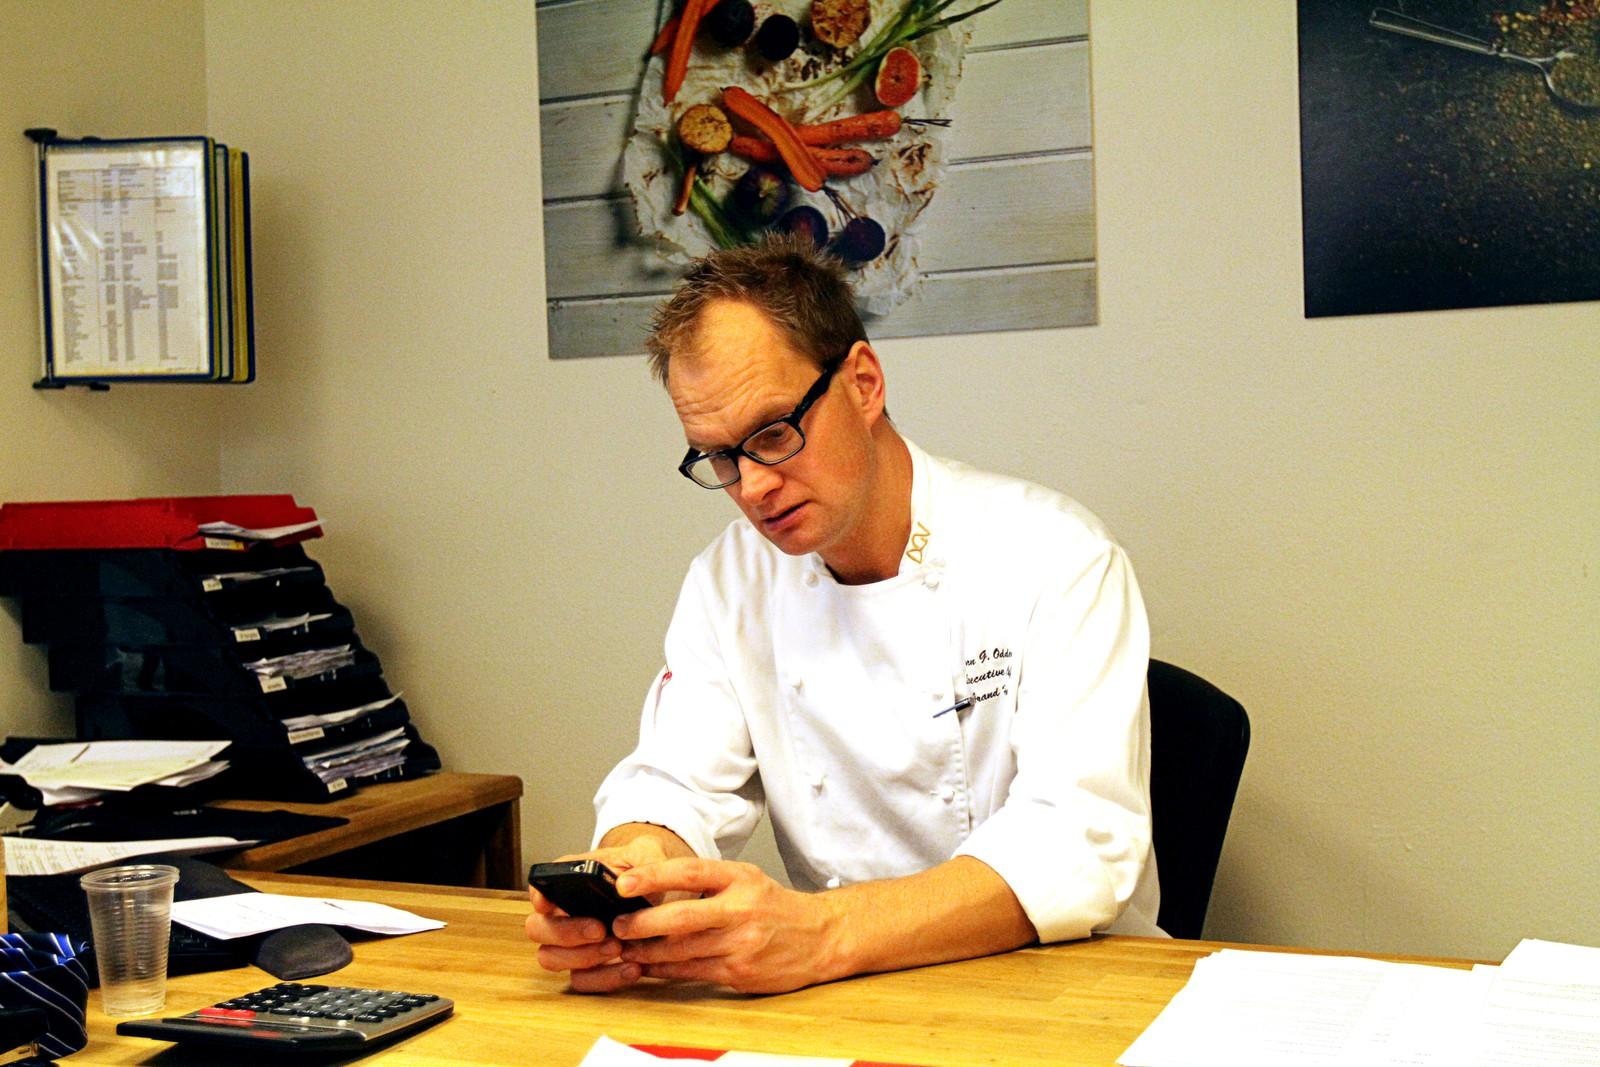 Kjøkkensjef Jørn Odden har jobbet med menyen helt siden fredsprisvinnerne ble kunngjort.